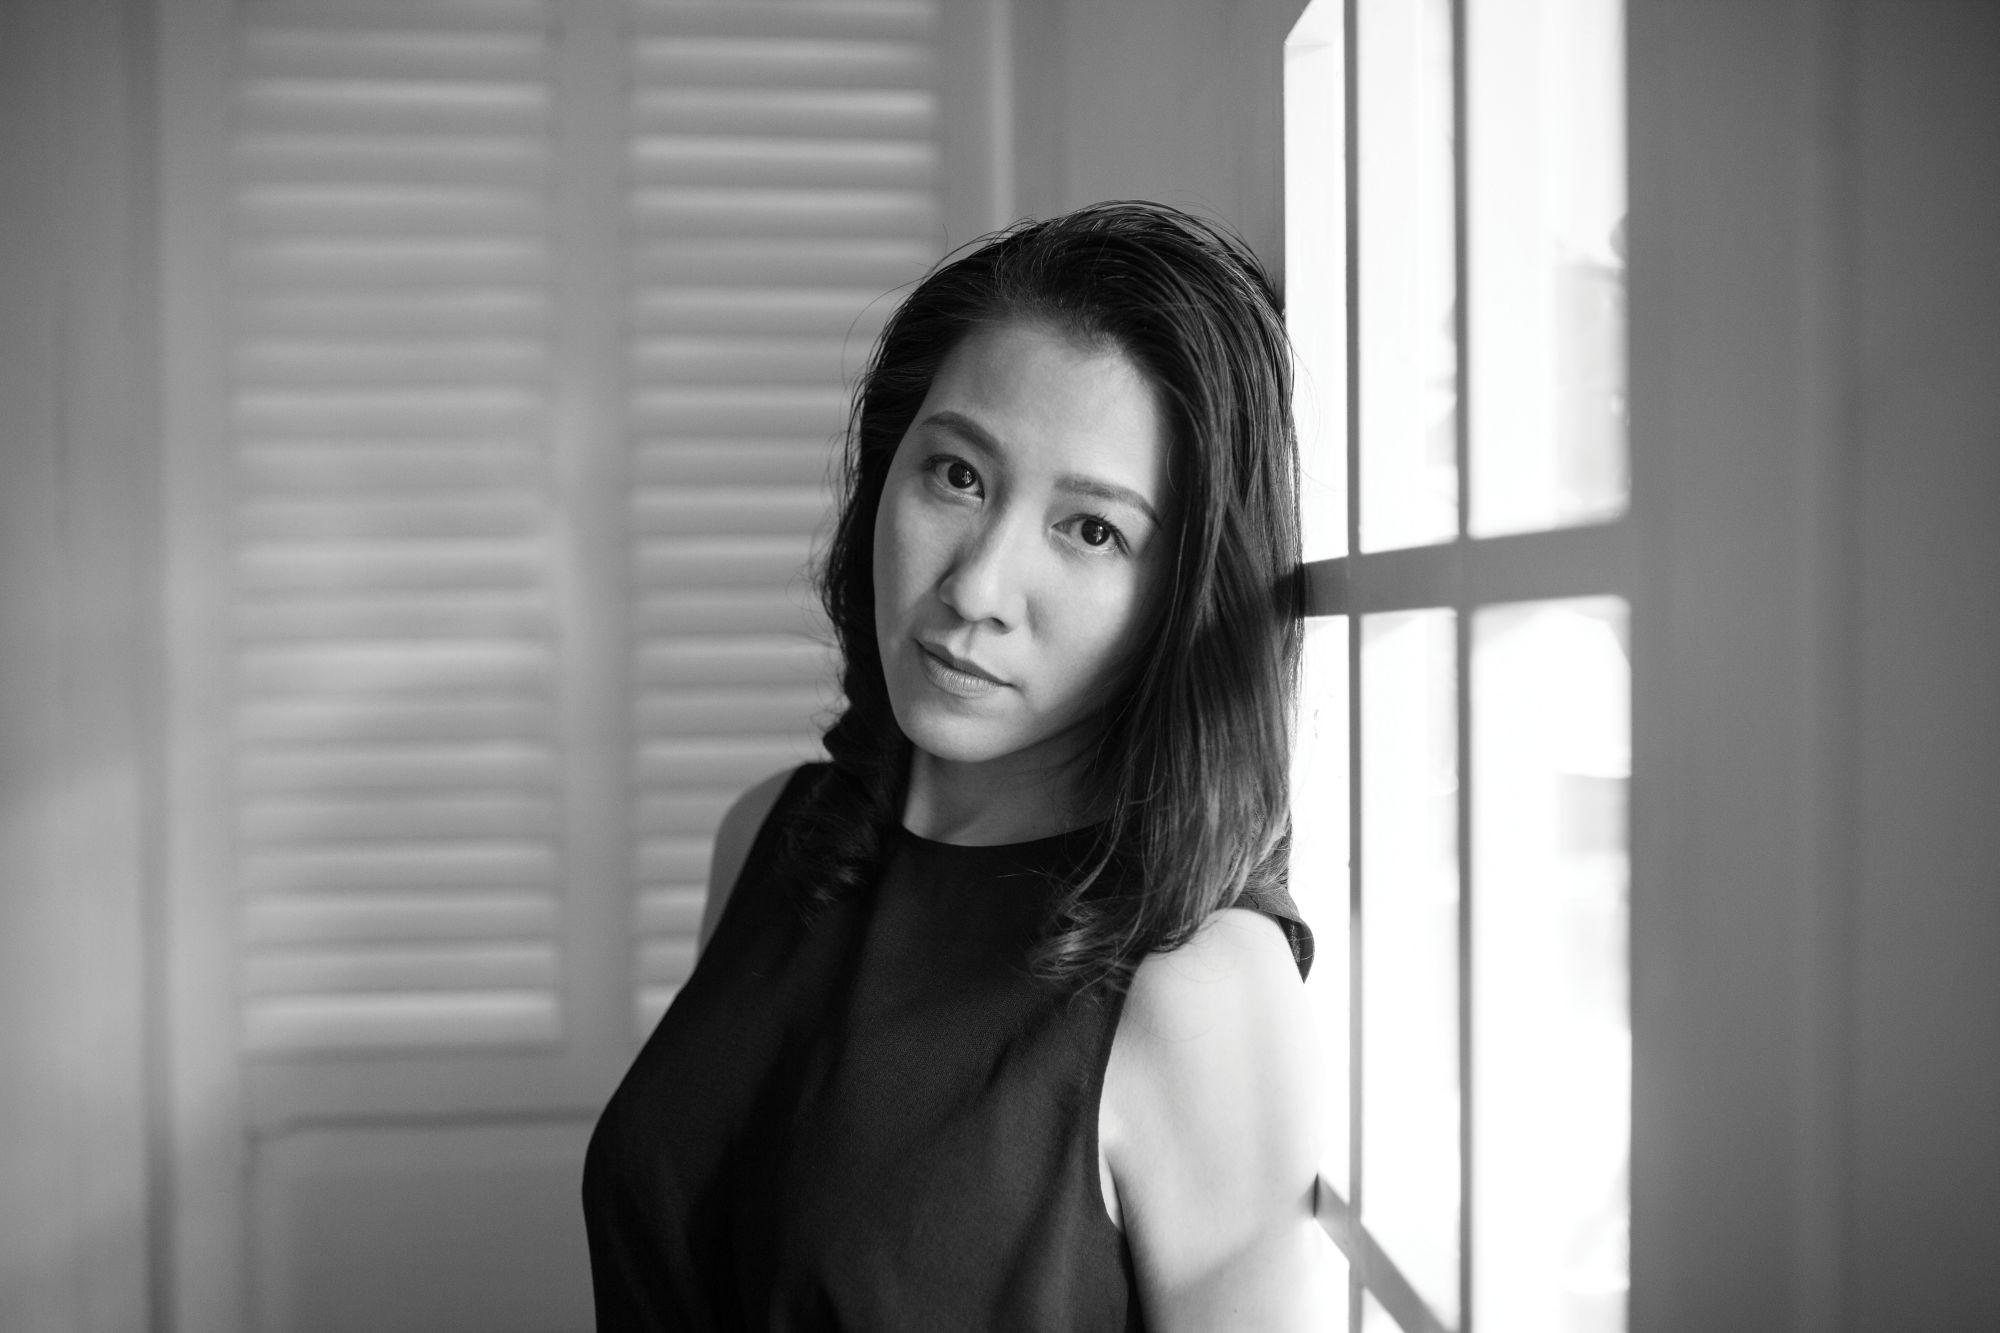 2 tháng sau scandal gạ tình của Phạm Anh Khoa, Phạm Lịch bất ngờ tố bà xã nam ca sĩ lật như lật bánh tráng - Ảnh 2.